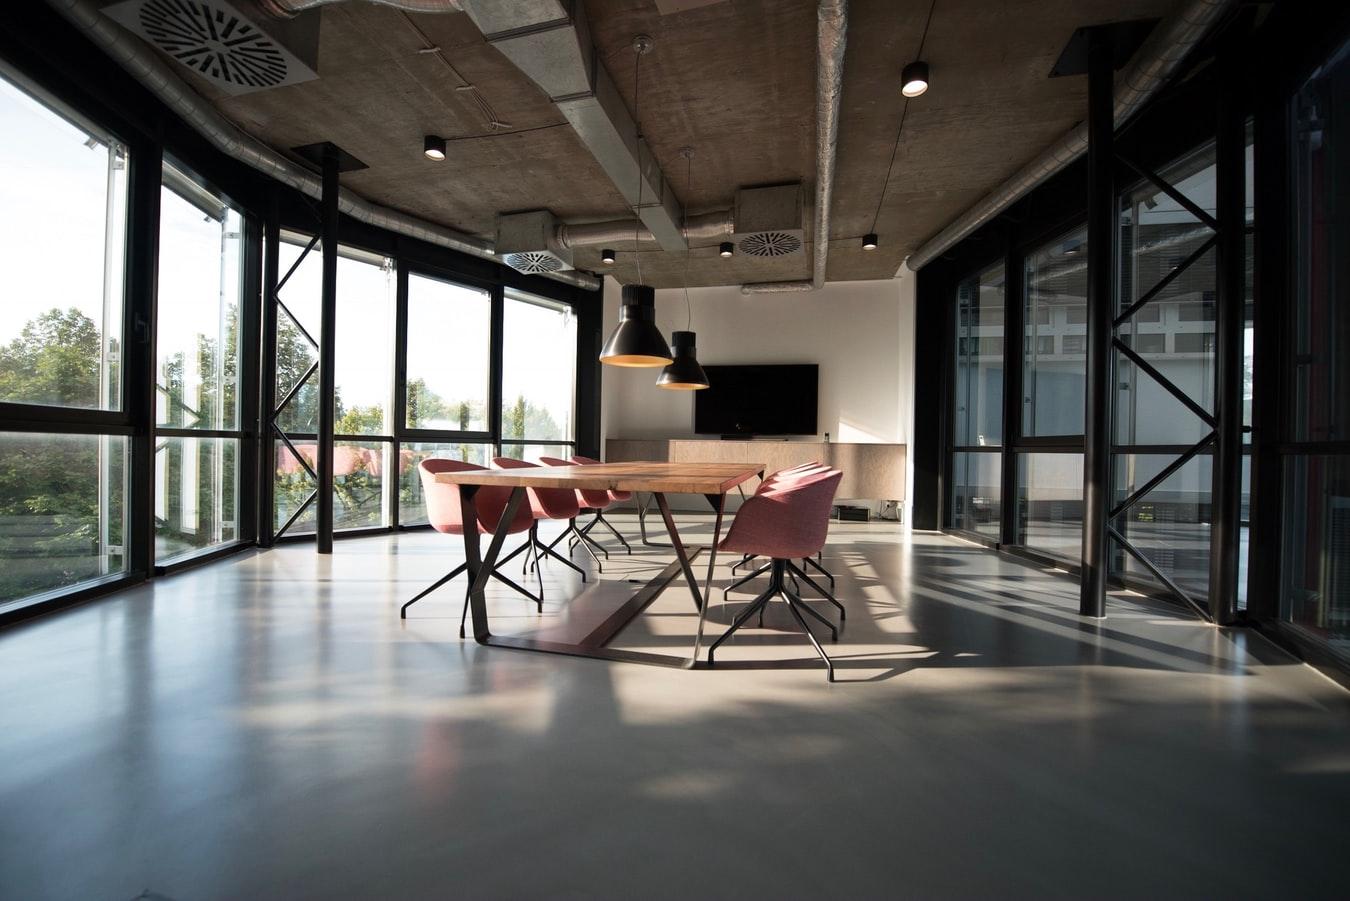 dec1 4 - Er belysningen god nok på din arbejdsplads?